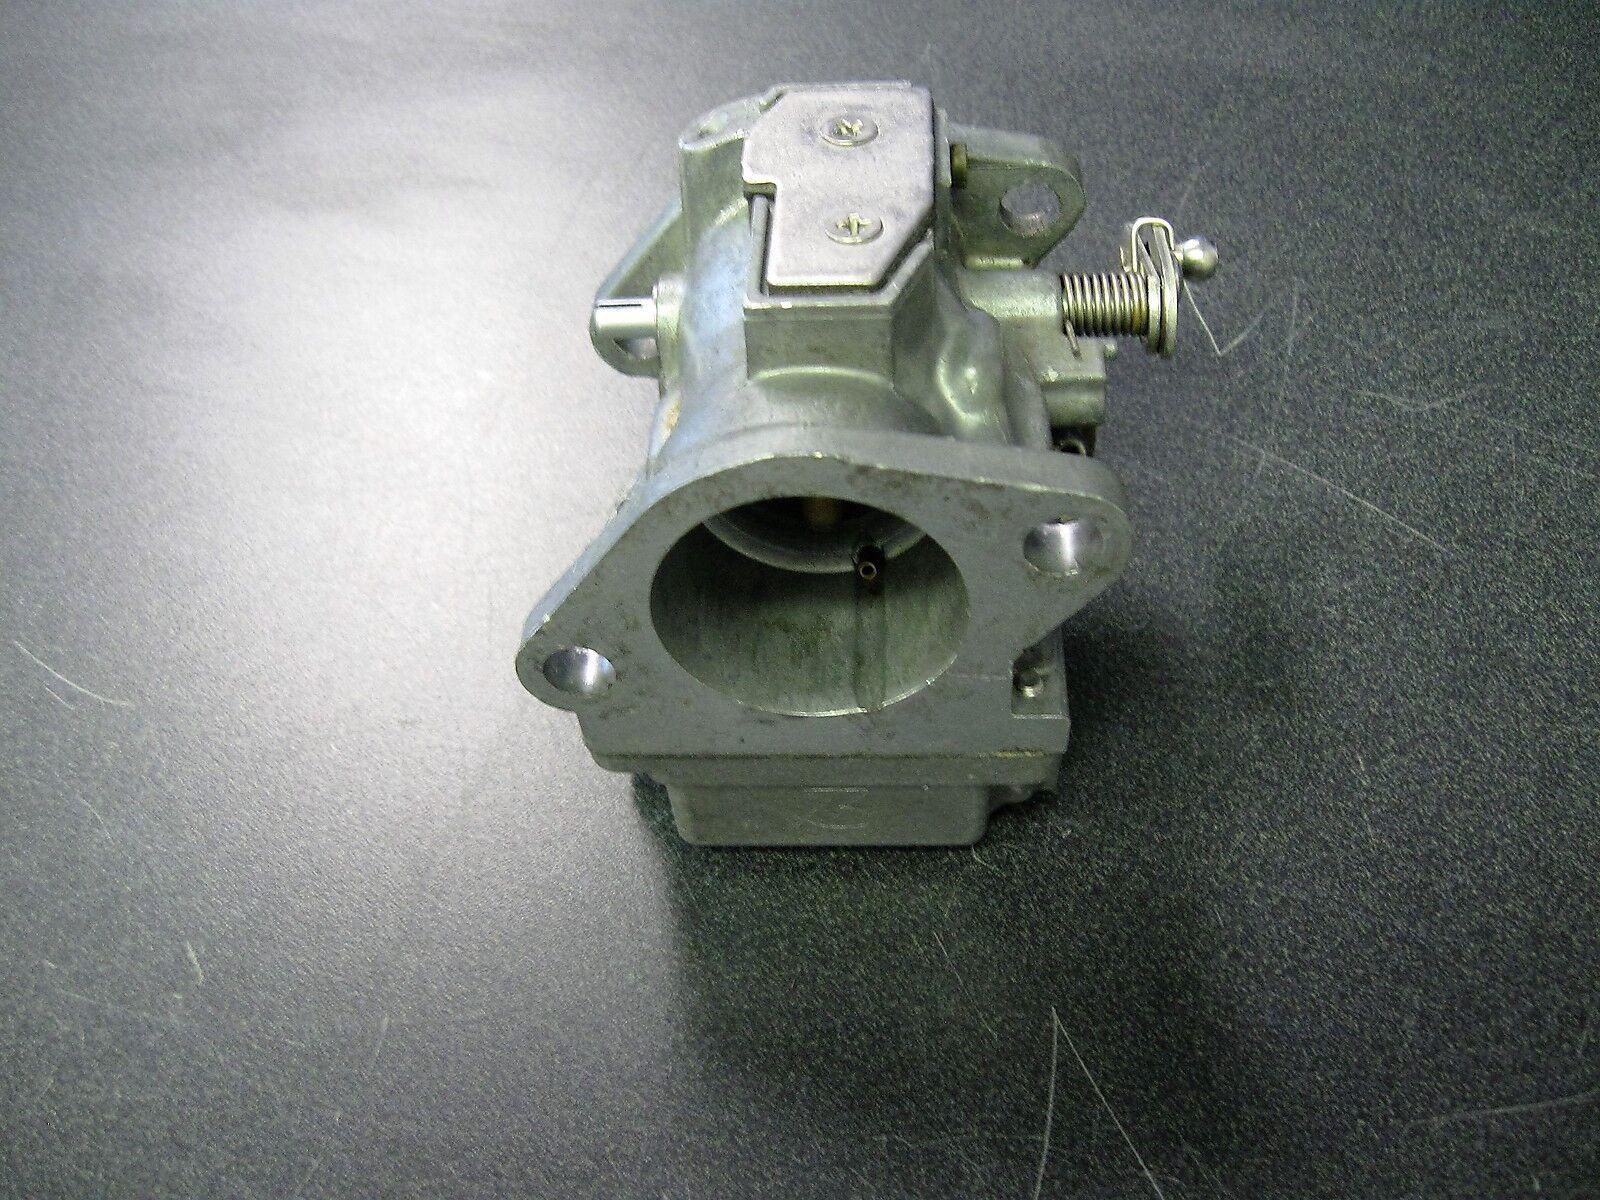 Mercury Außenborder Vergaser Montage Montage Vergaser WME-49-1 bd4a9b